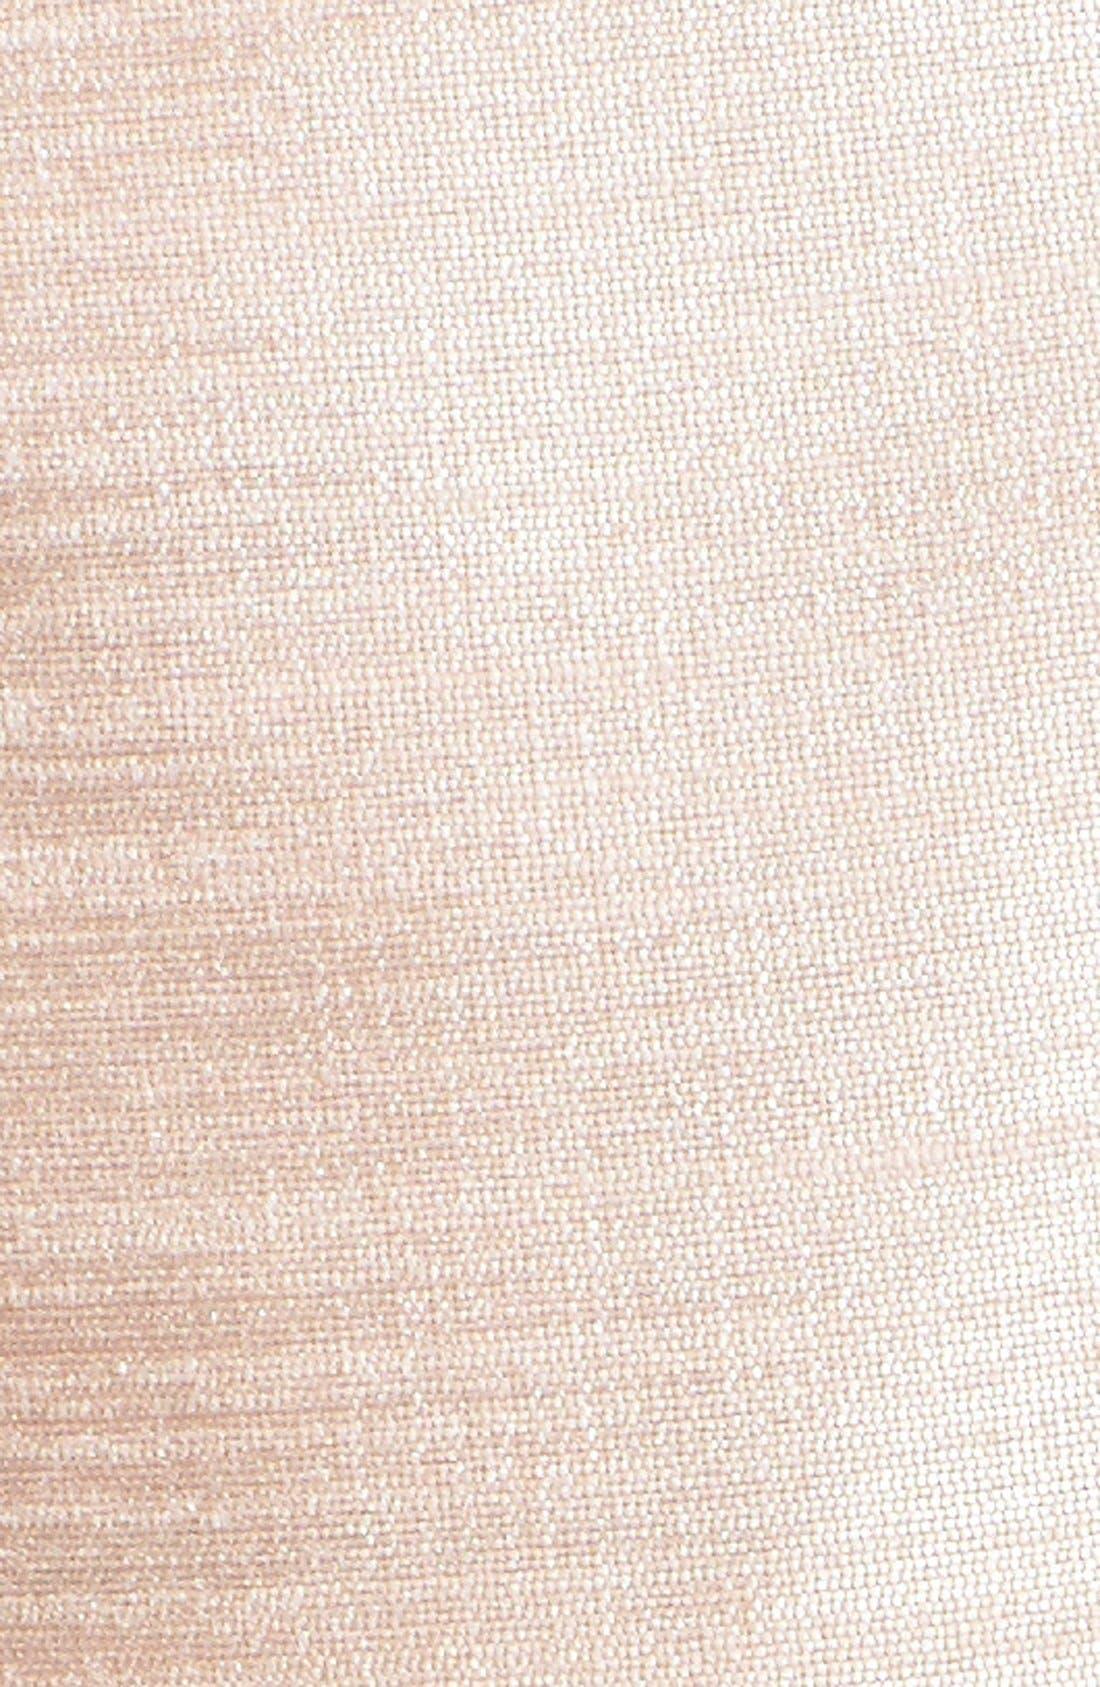 Dupioni Fit & Flare Dress,                             Alternate thumbnail 25, color,